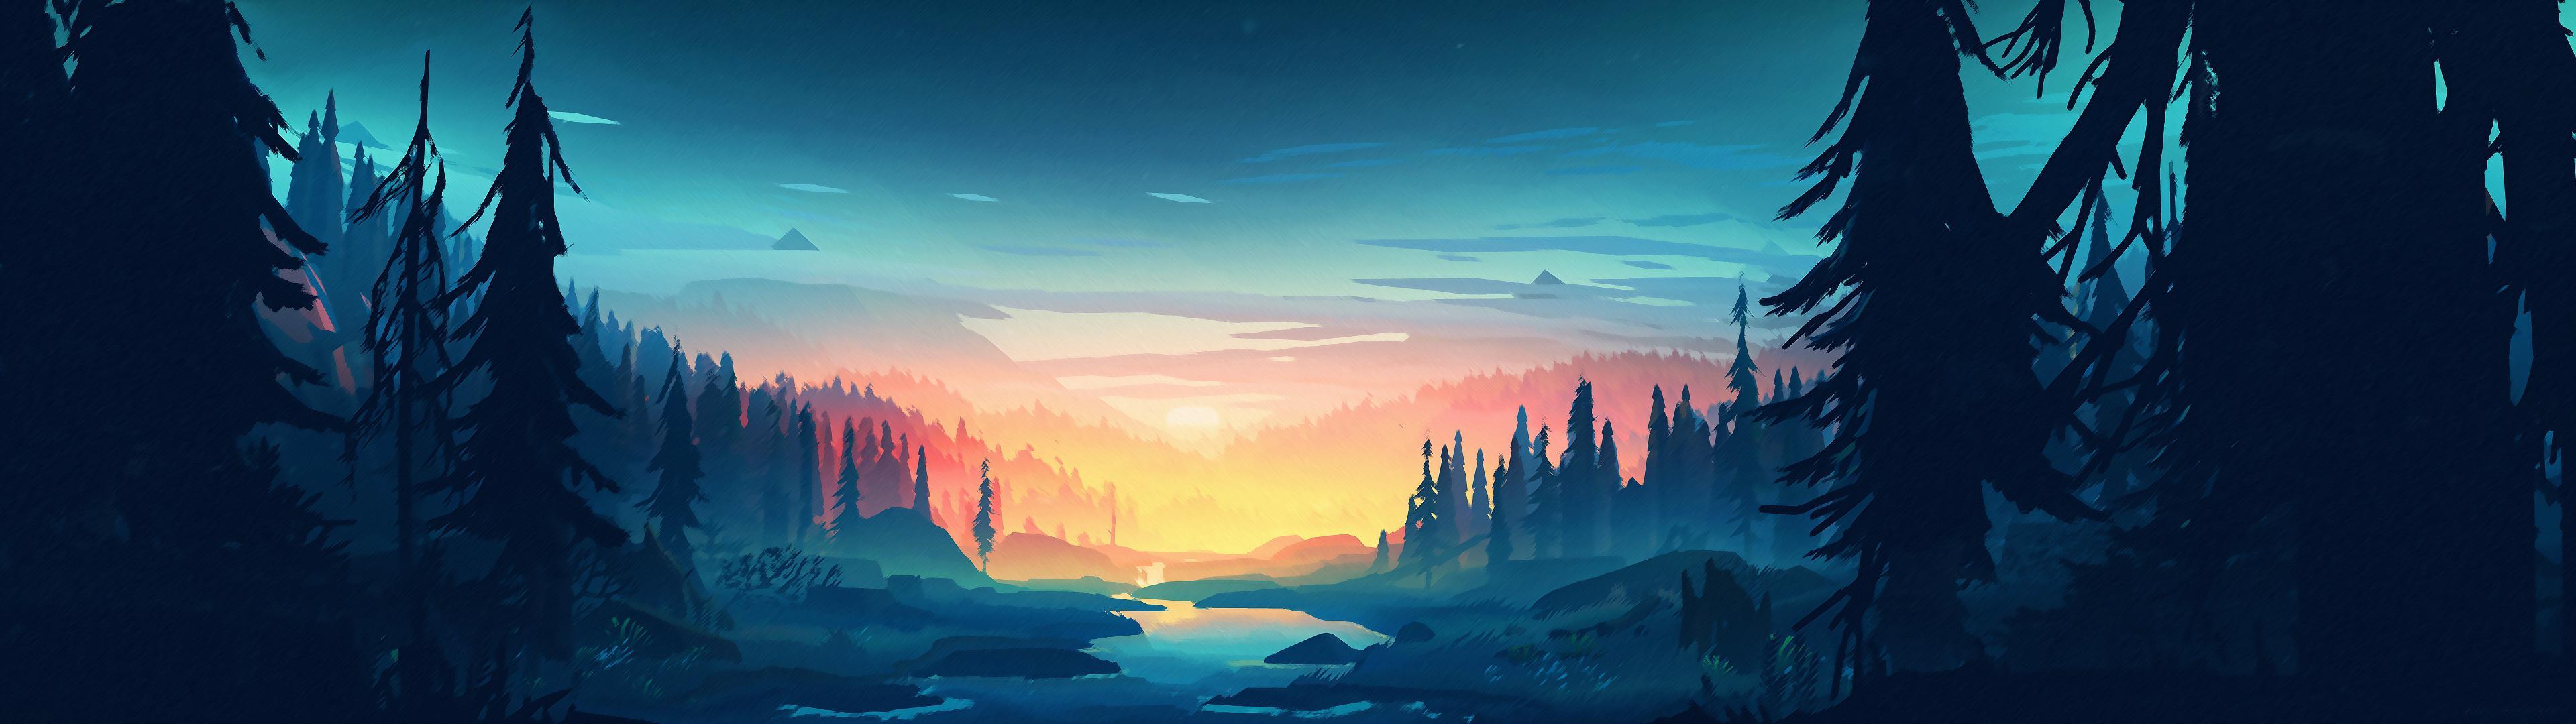 Wide Minimalistic Landscape 12K wallpaper